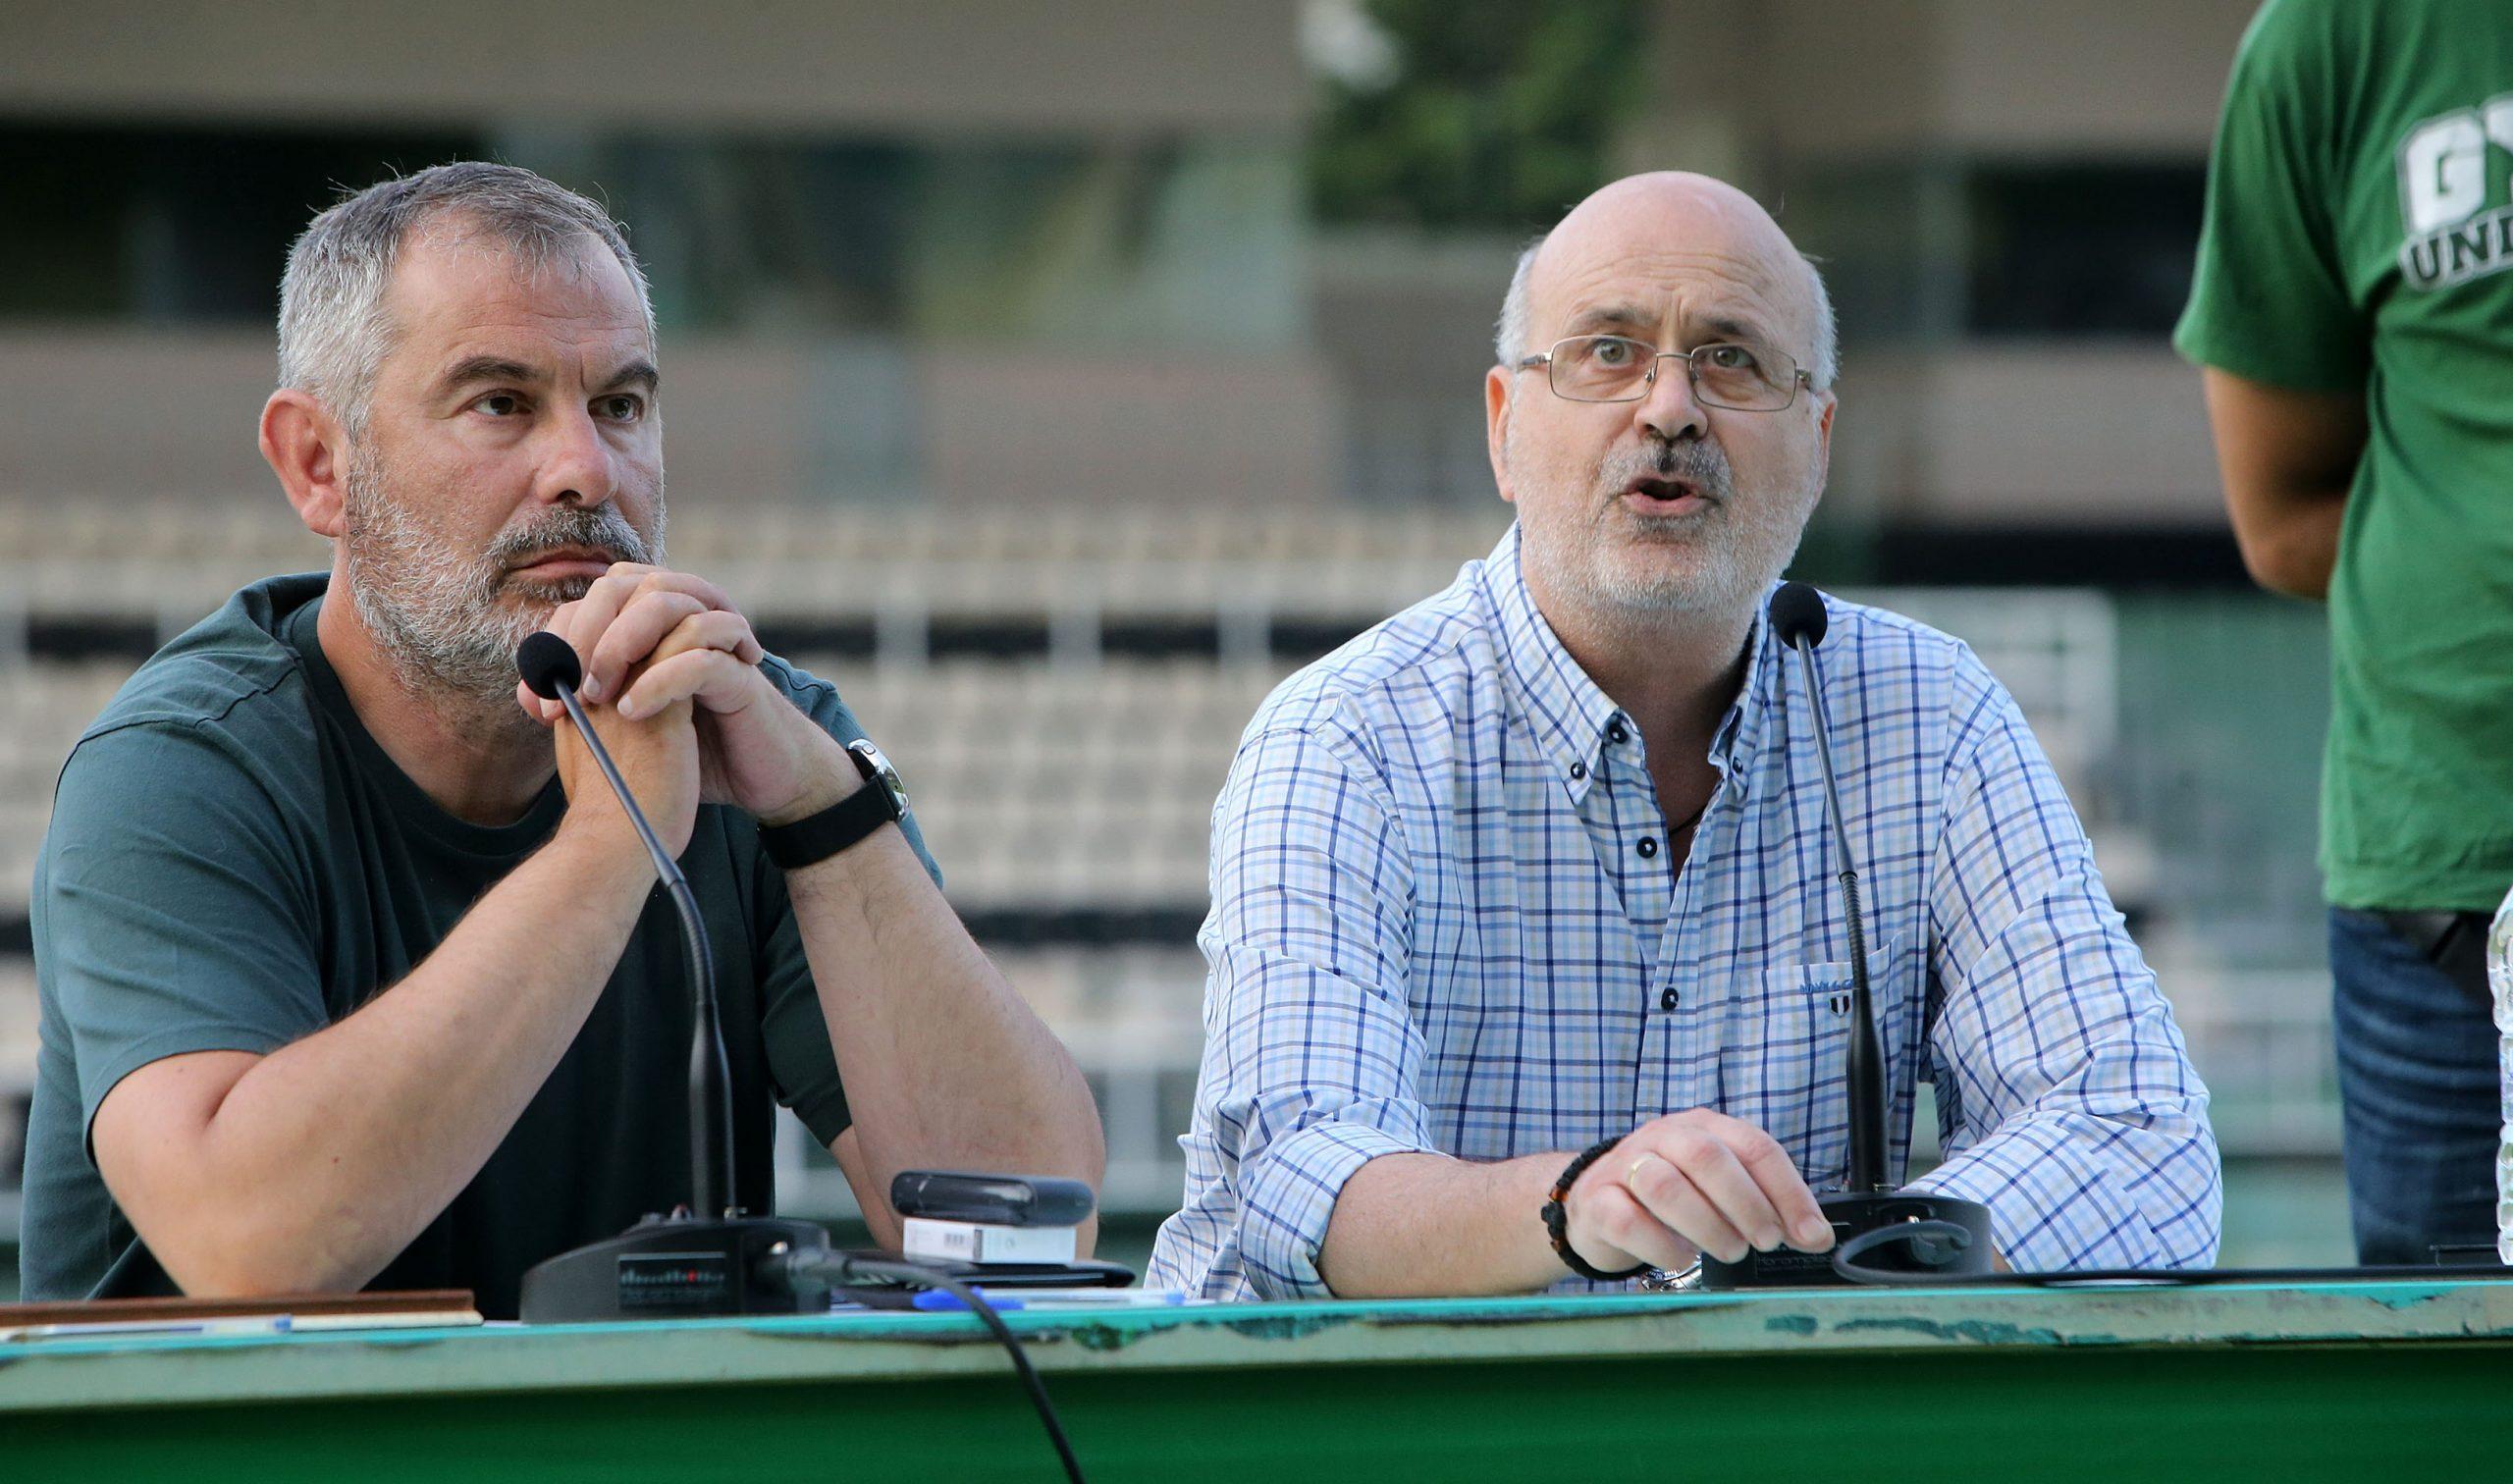 Μαλακατές: «Δεν θέτει σε κίνδυνο τα κεκτημένα του Συλλόγου» | panathinaikos24.gr